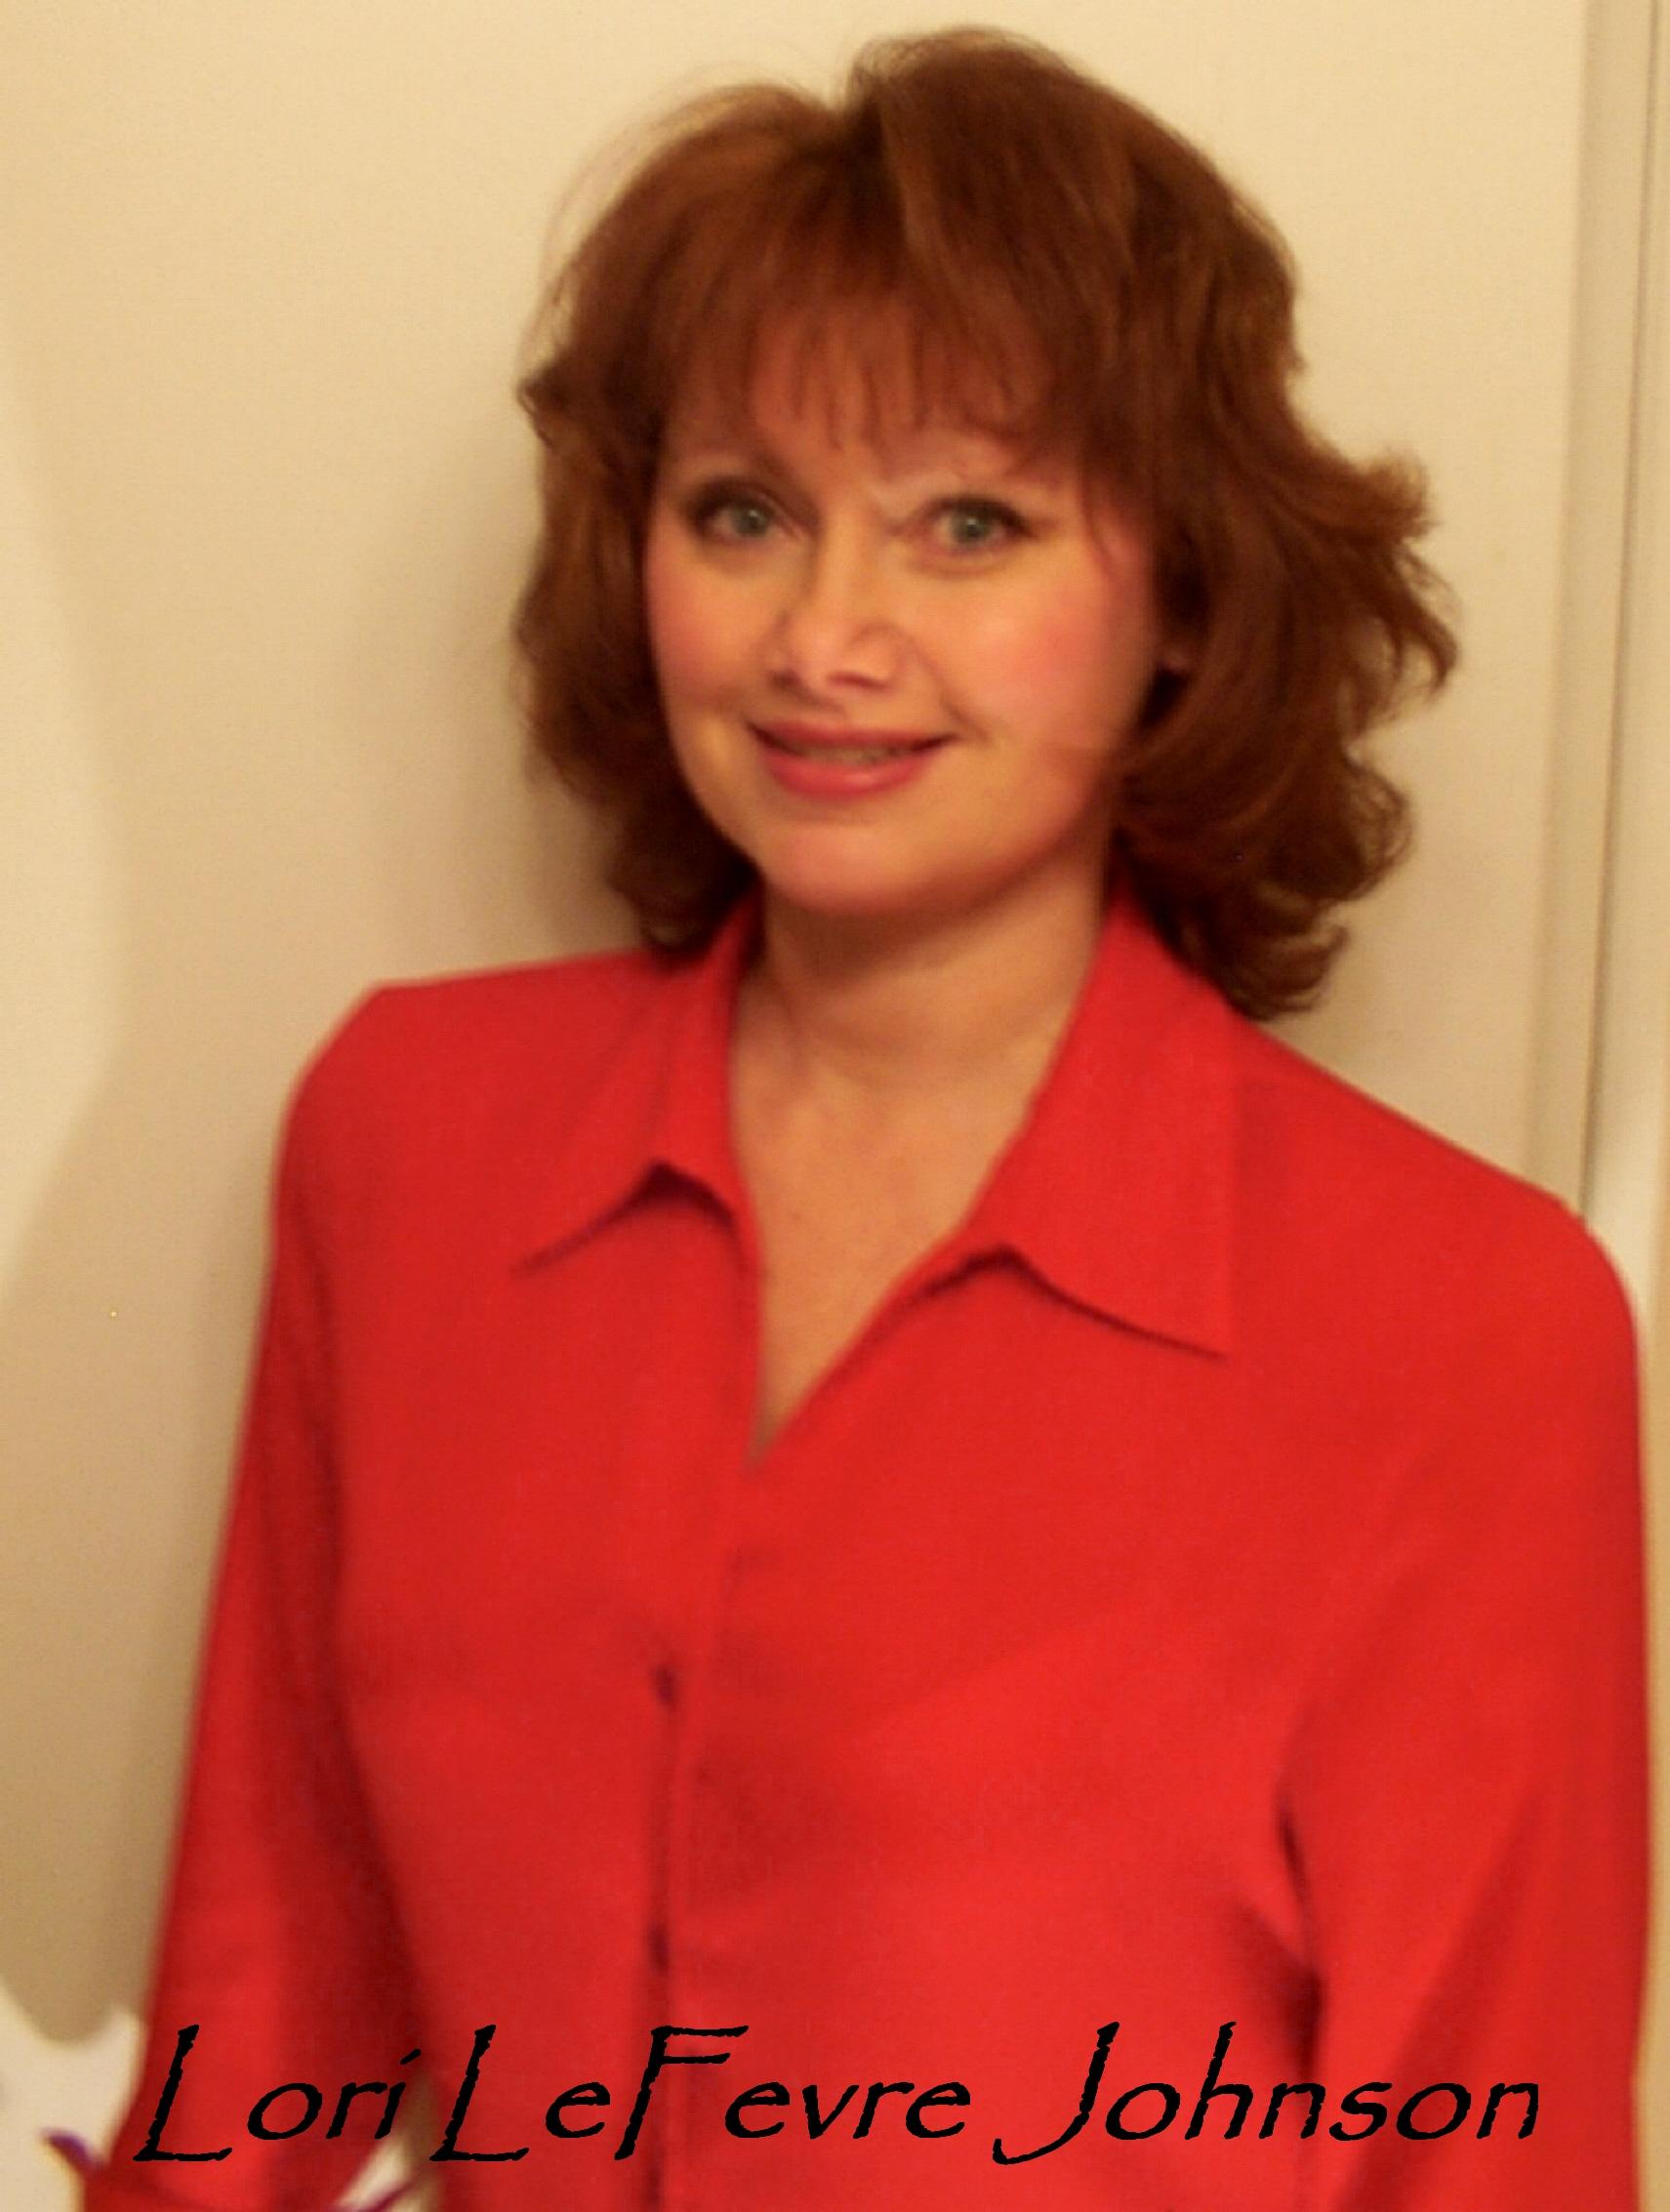 Lori Lefevre